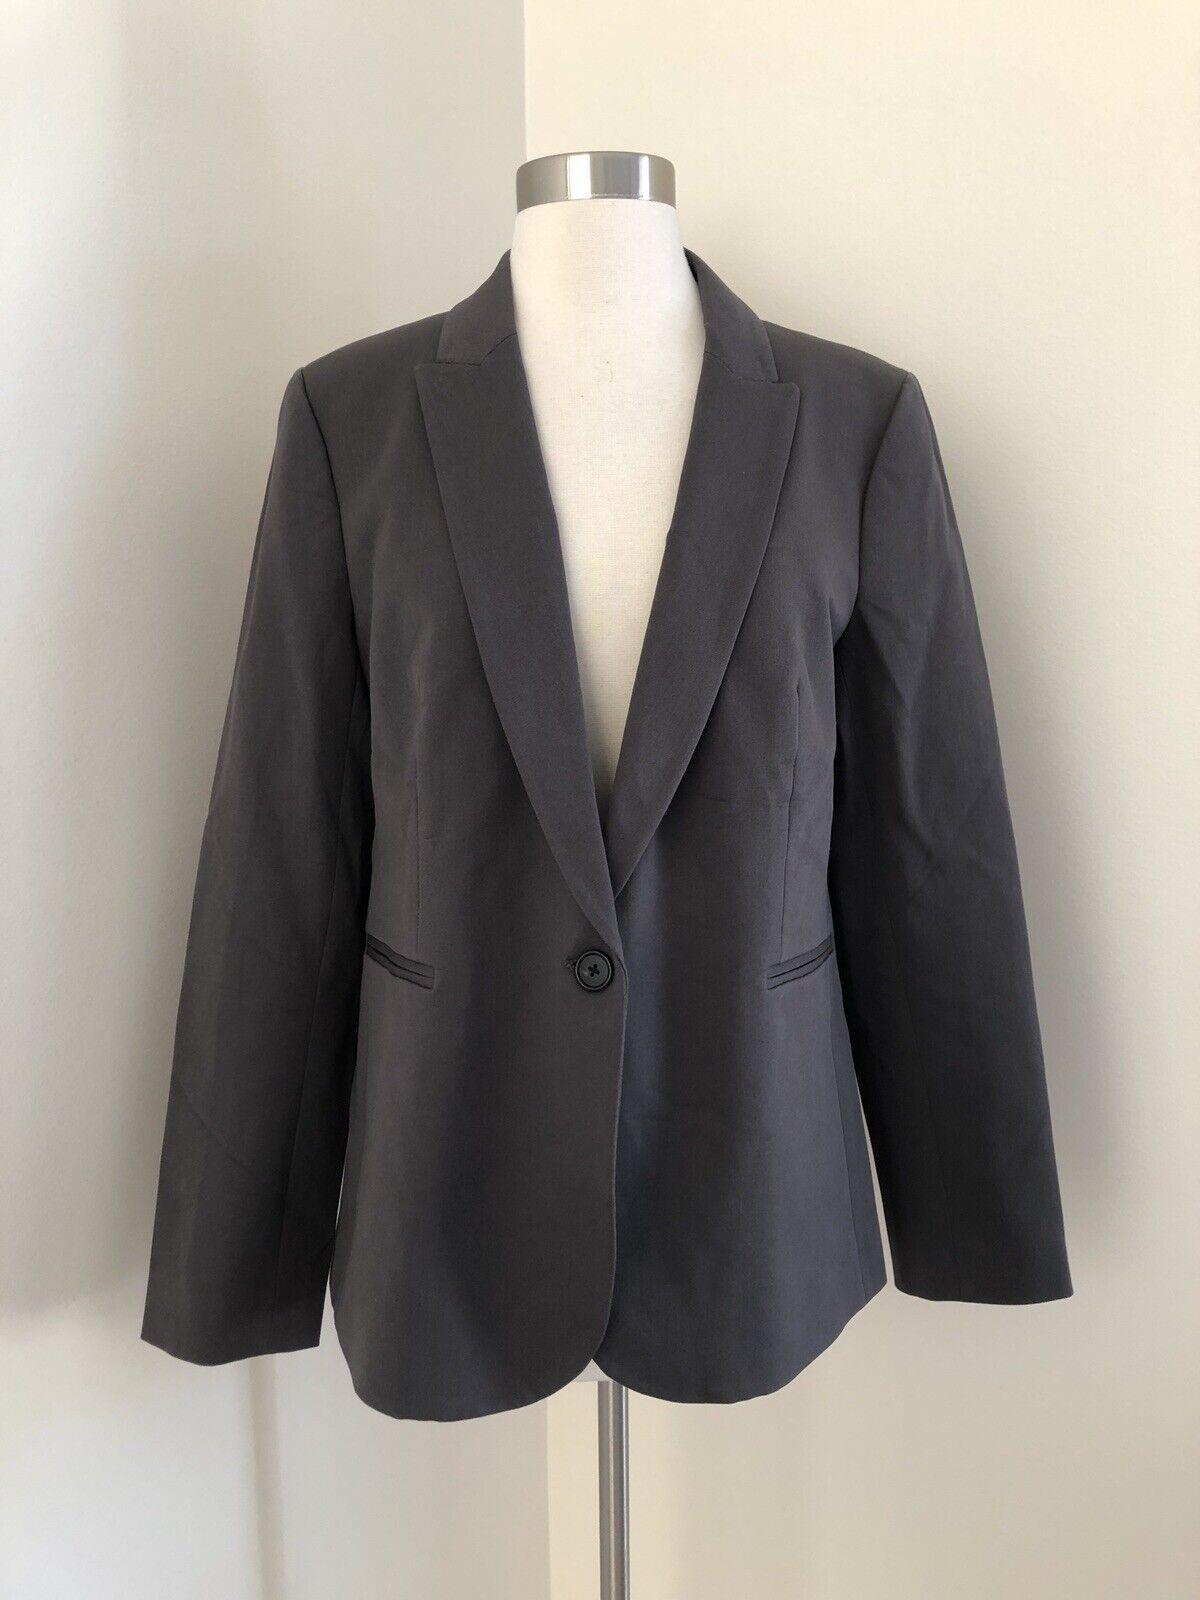 New Jcrew Parke blazer in two-way stretch cotton Grey H5513 Sz 12